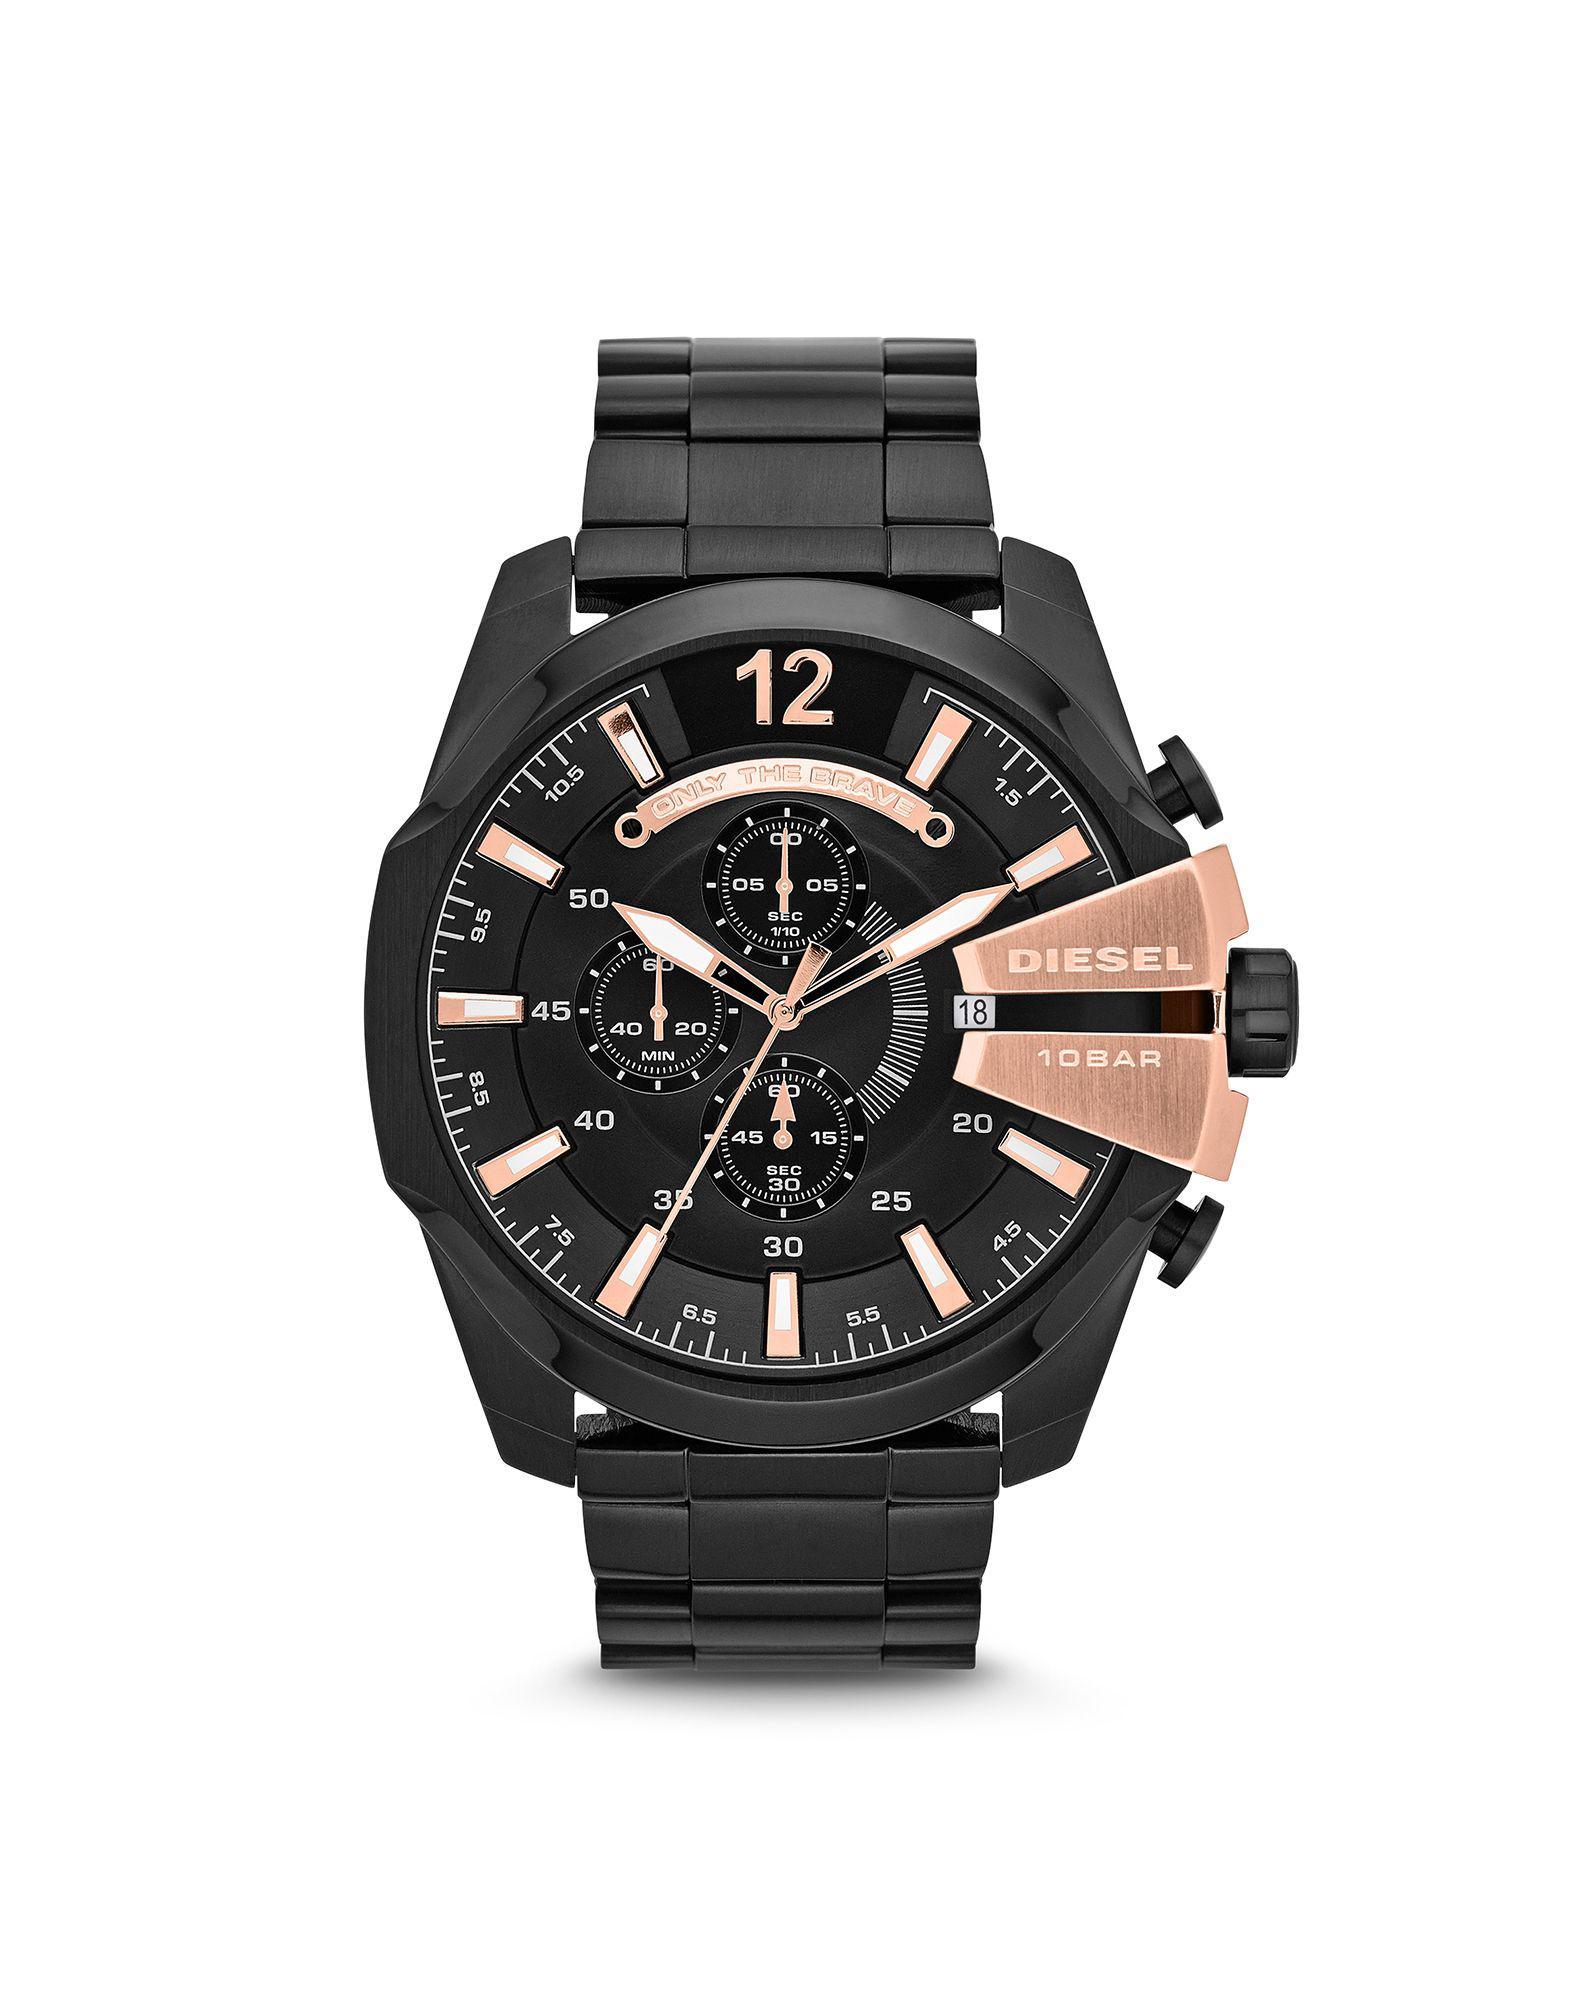 DIESEL Leather Wrist Watch in Black for Men - Lyst